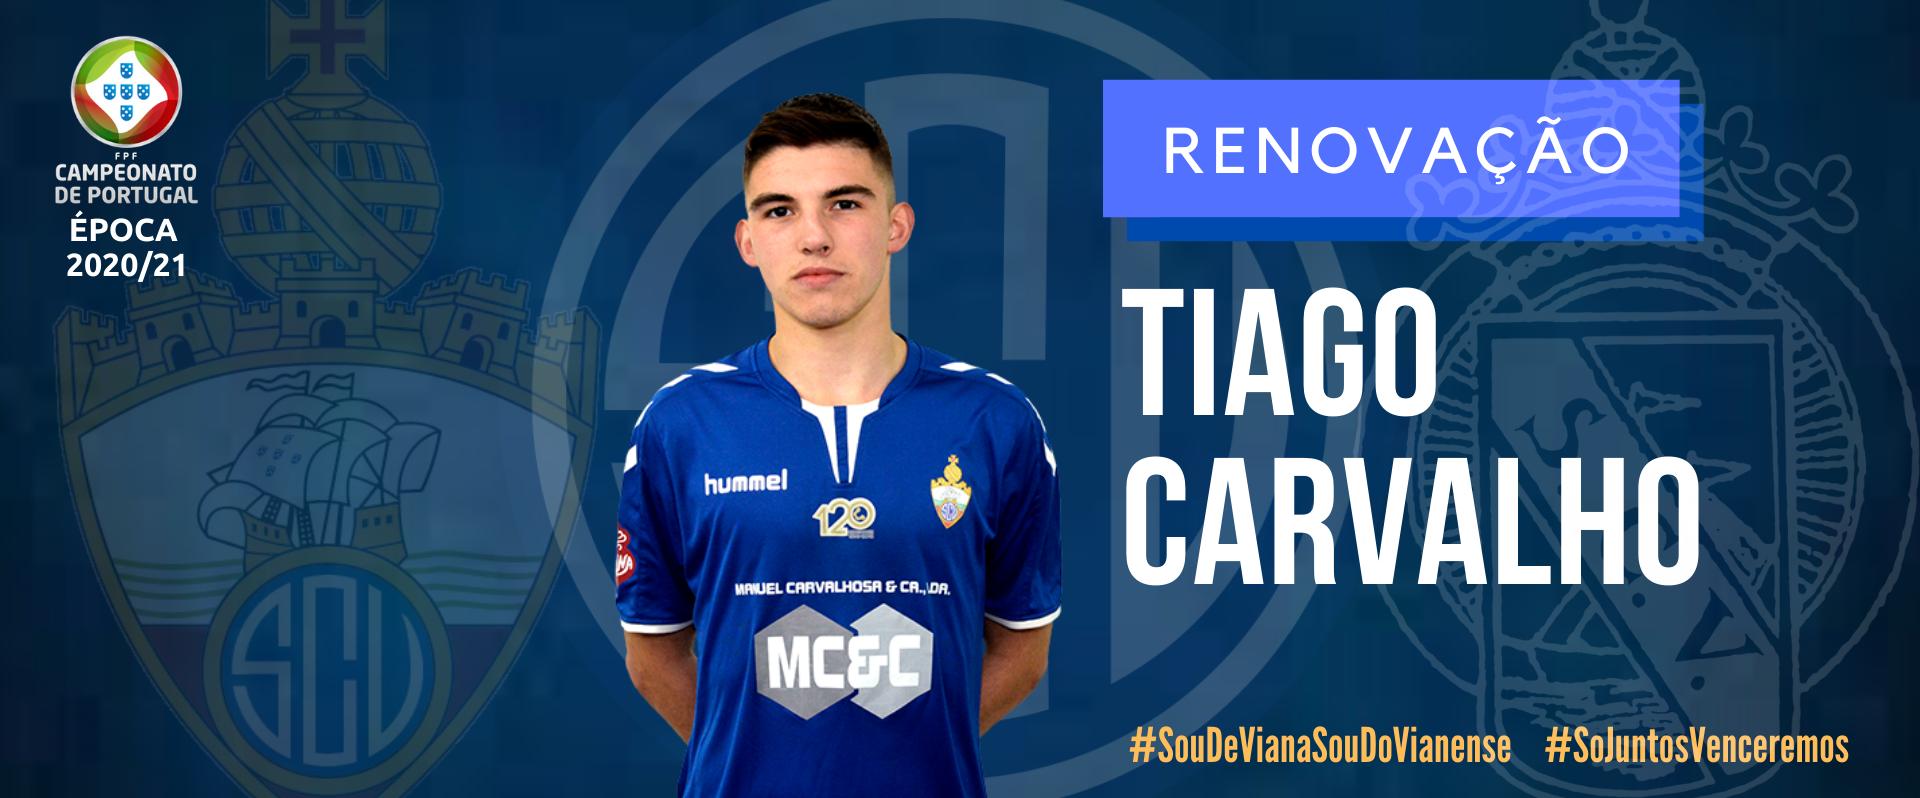 Tiago Carvalho renovou!